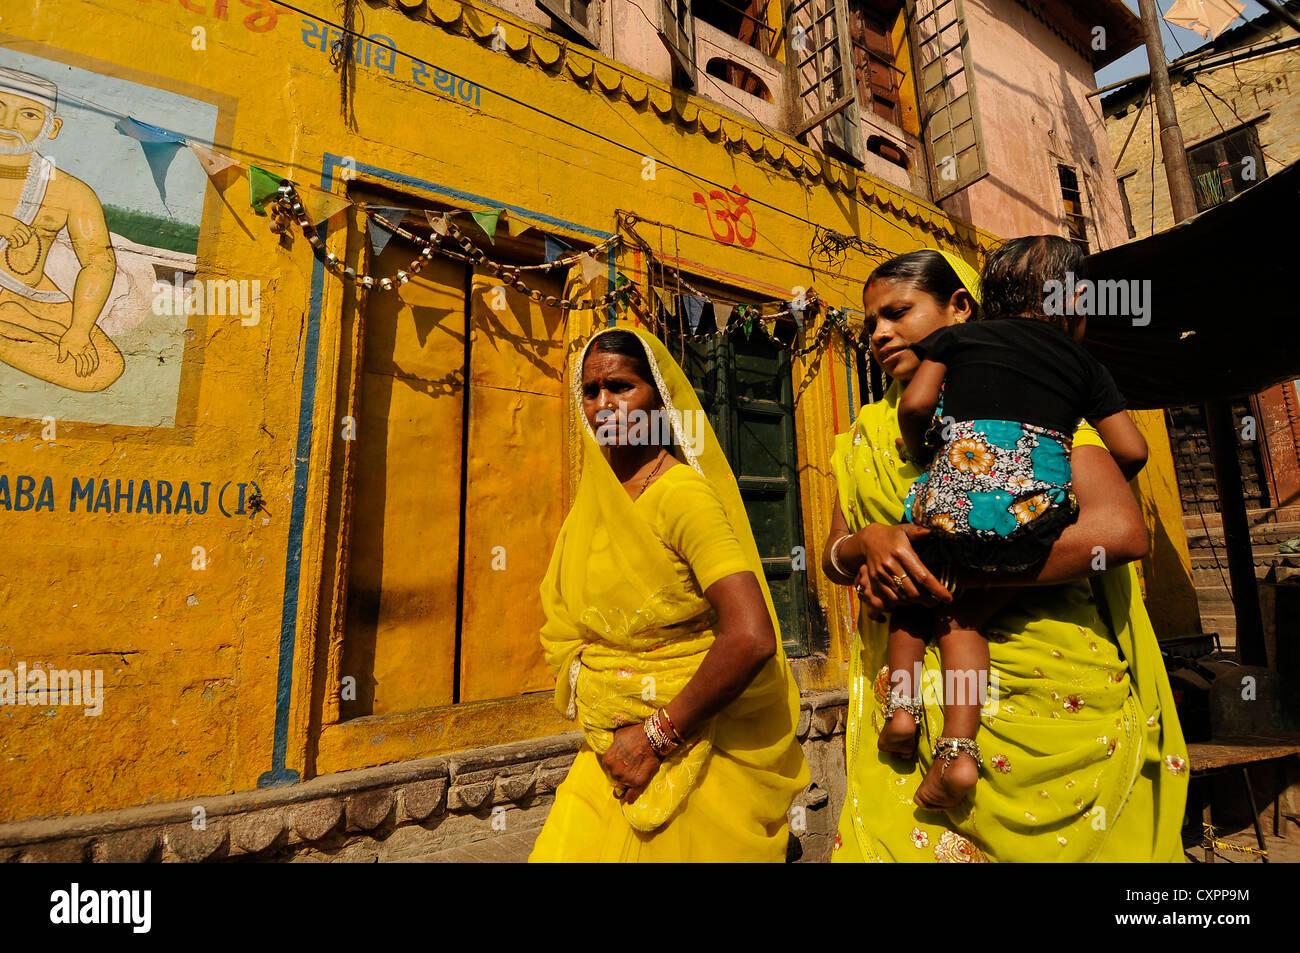 Asia India Uttar Pradesh Varanasi gente en los callejones de Benares Imagen De Stock